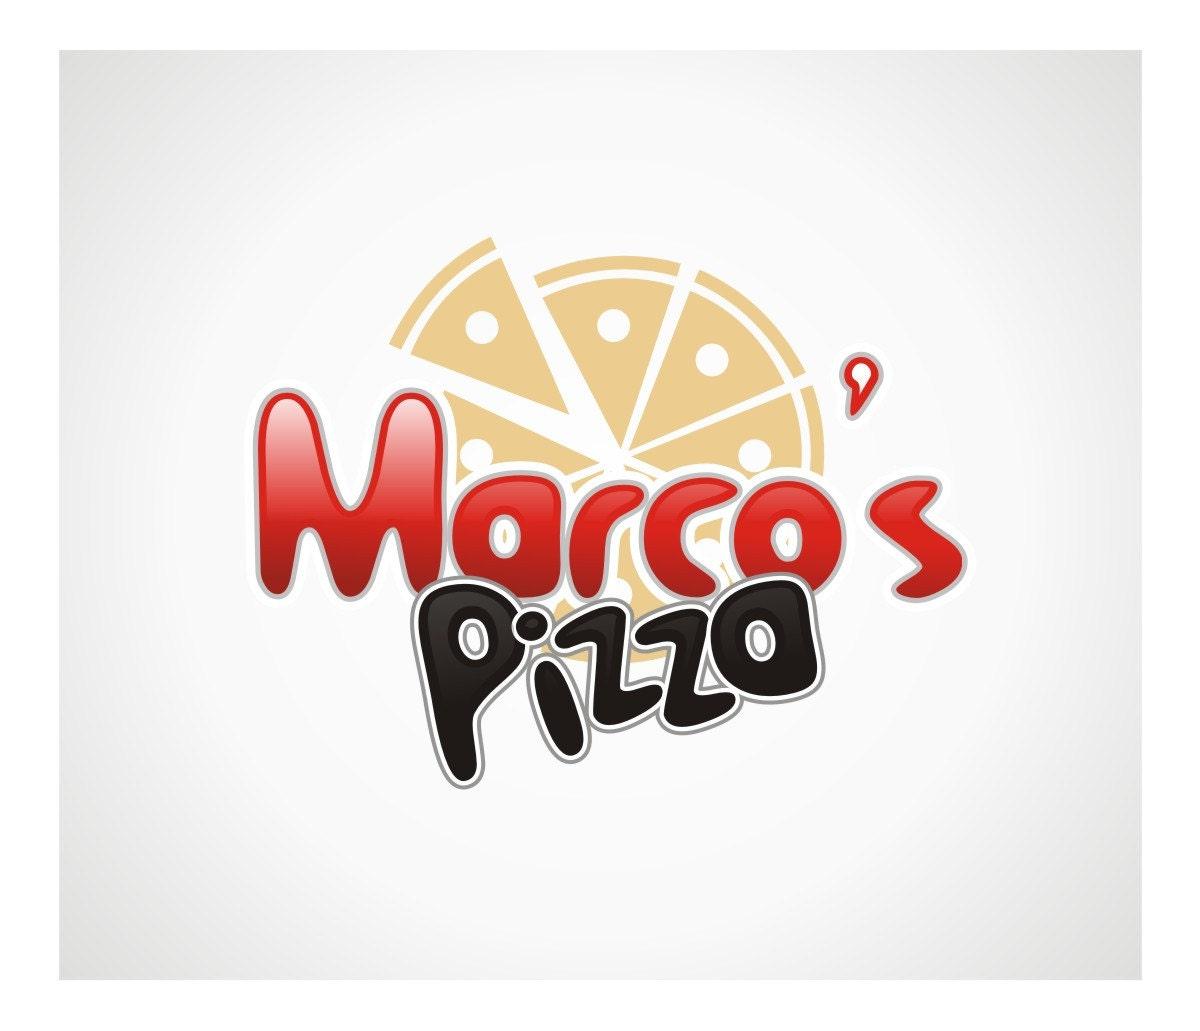 Design Free Pizza Logos Here  LogoDesignnet